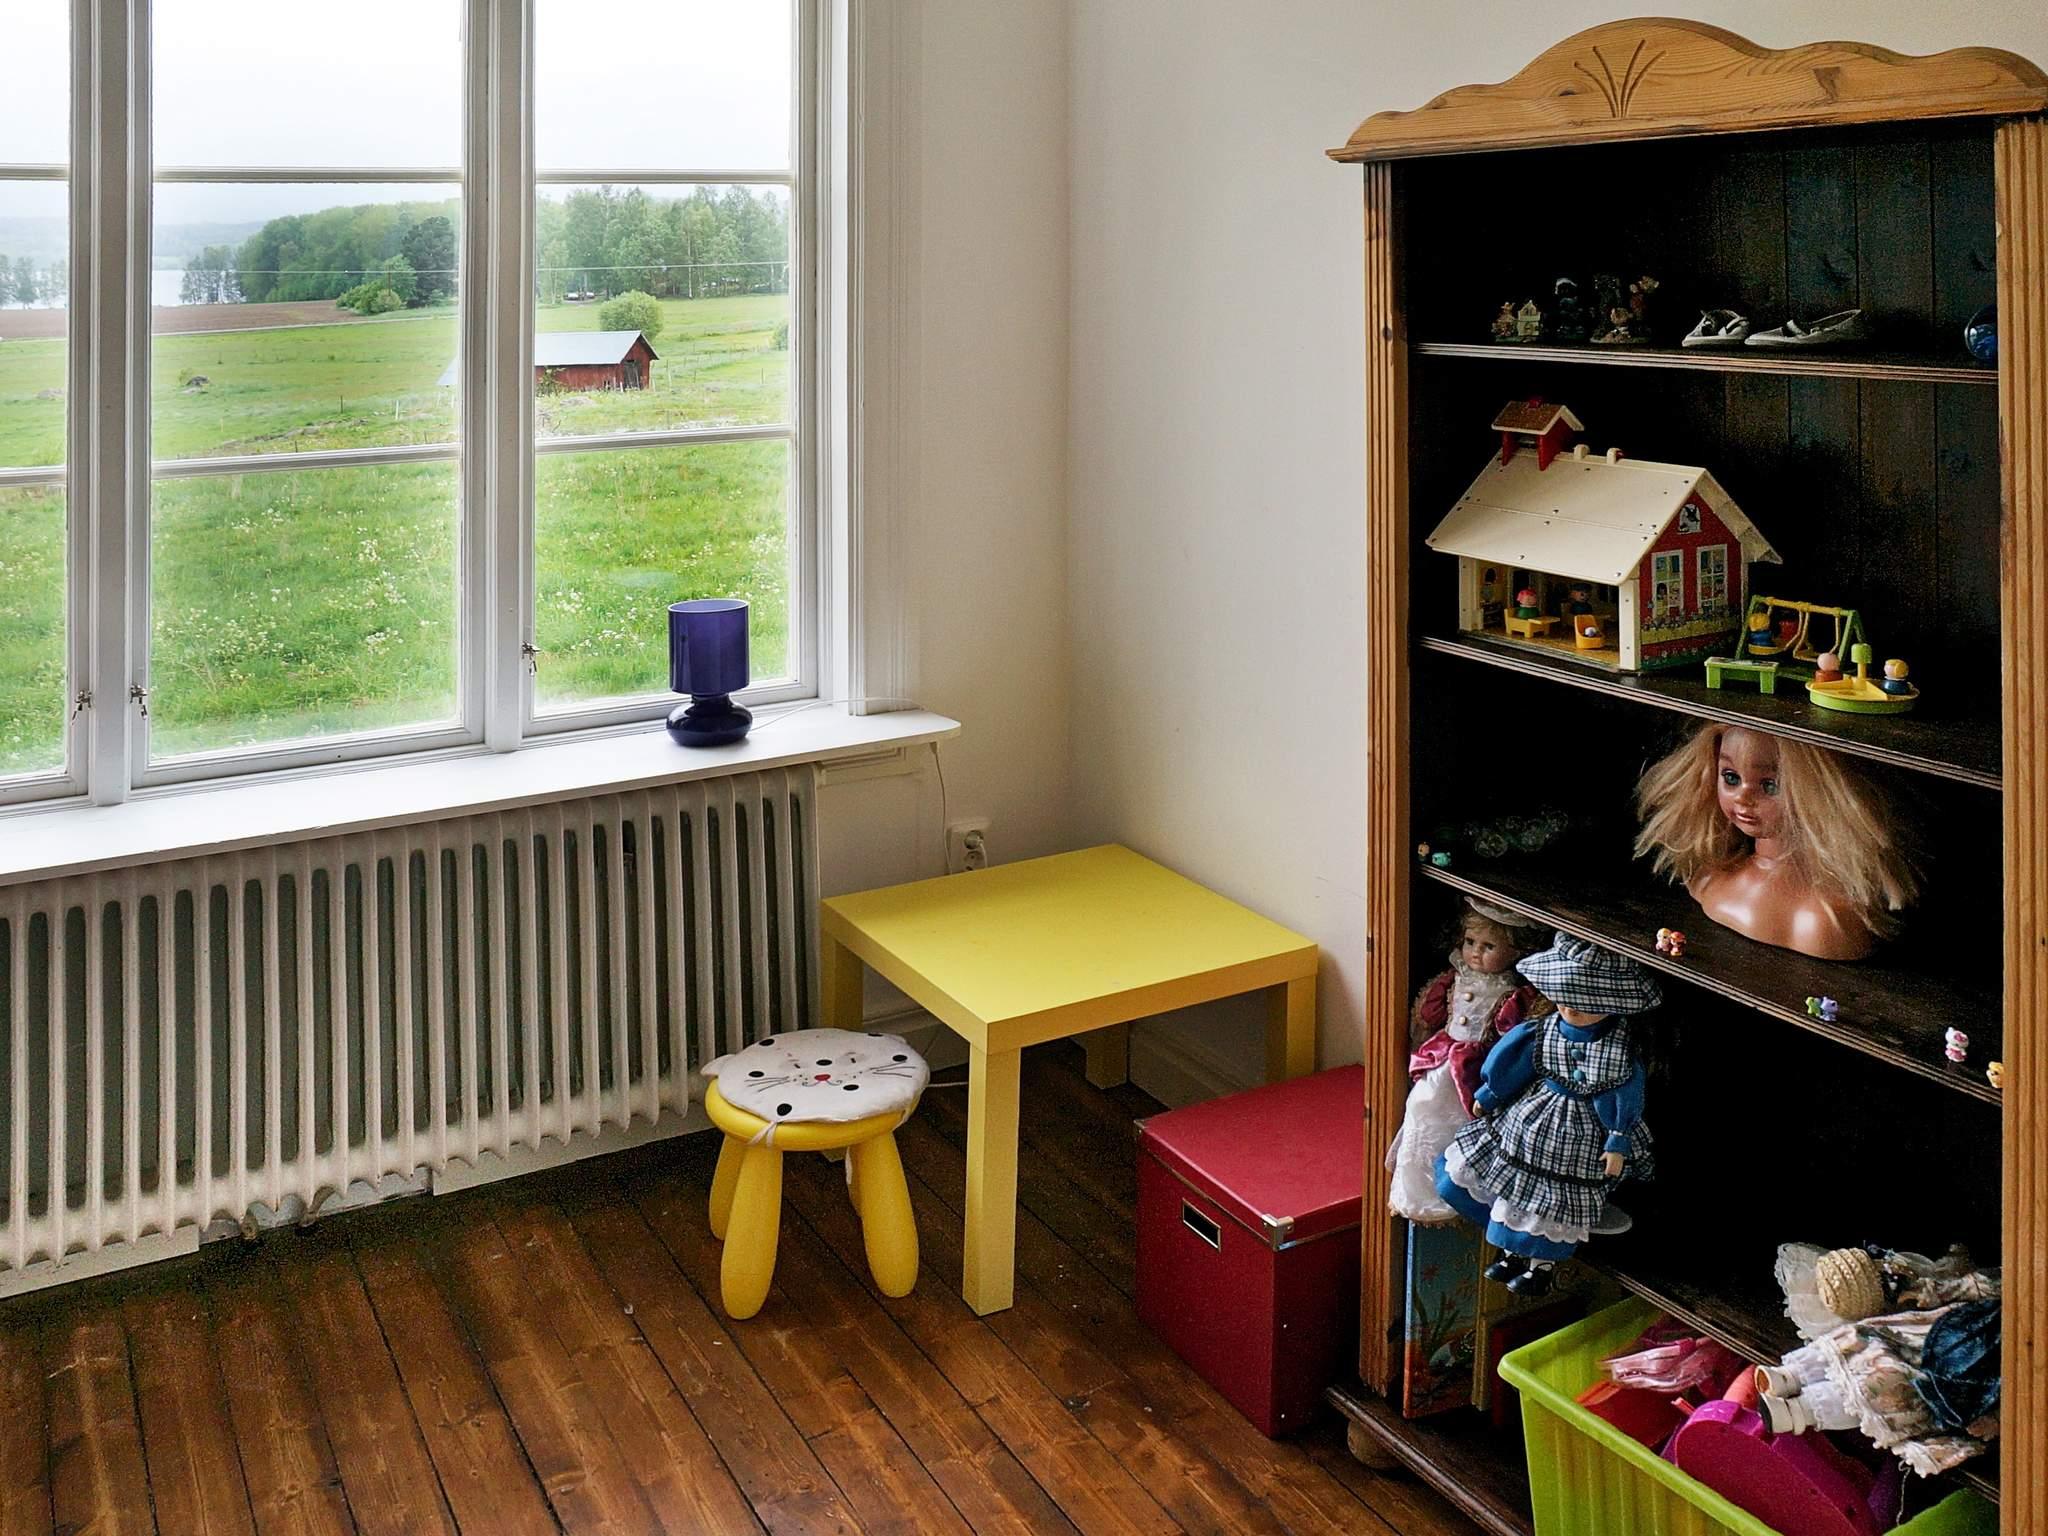 Ferienhaus Bergvik (1021505), Bergvik, Gävleborgs län, Nordschweden, Schweden, Bild 12